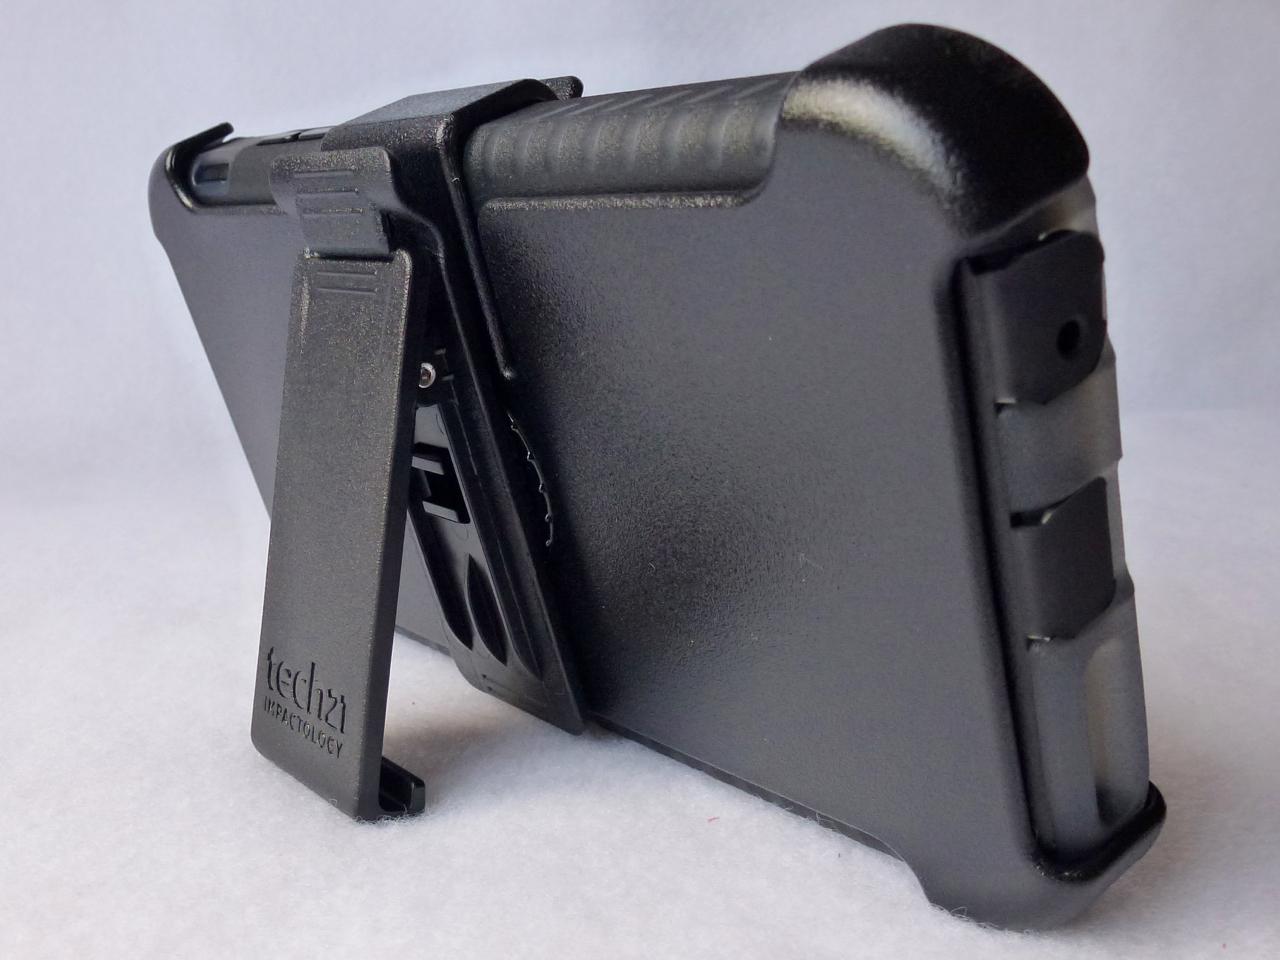 separation shoes 50d83 1284a Review: Tech21 Patriot for iPhone 6 Plus   MacRumors Forums